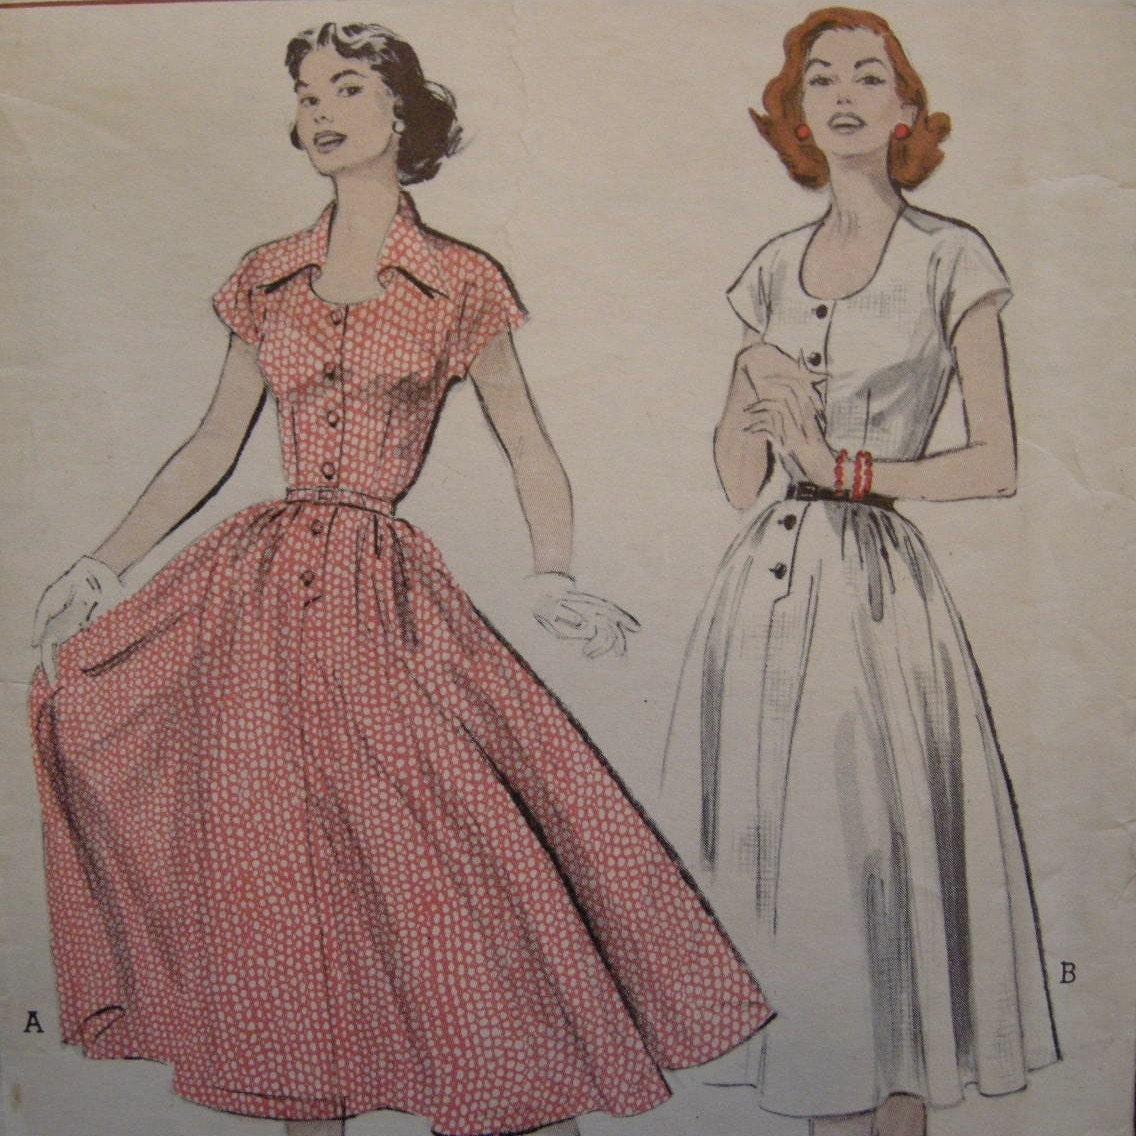 FULL SKIRT 50s Shirt Dress Pattern, Butterick 6109, Size 12, Bust 30.